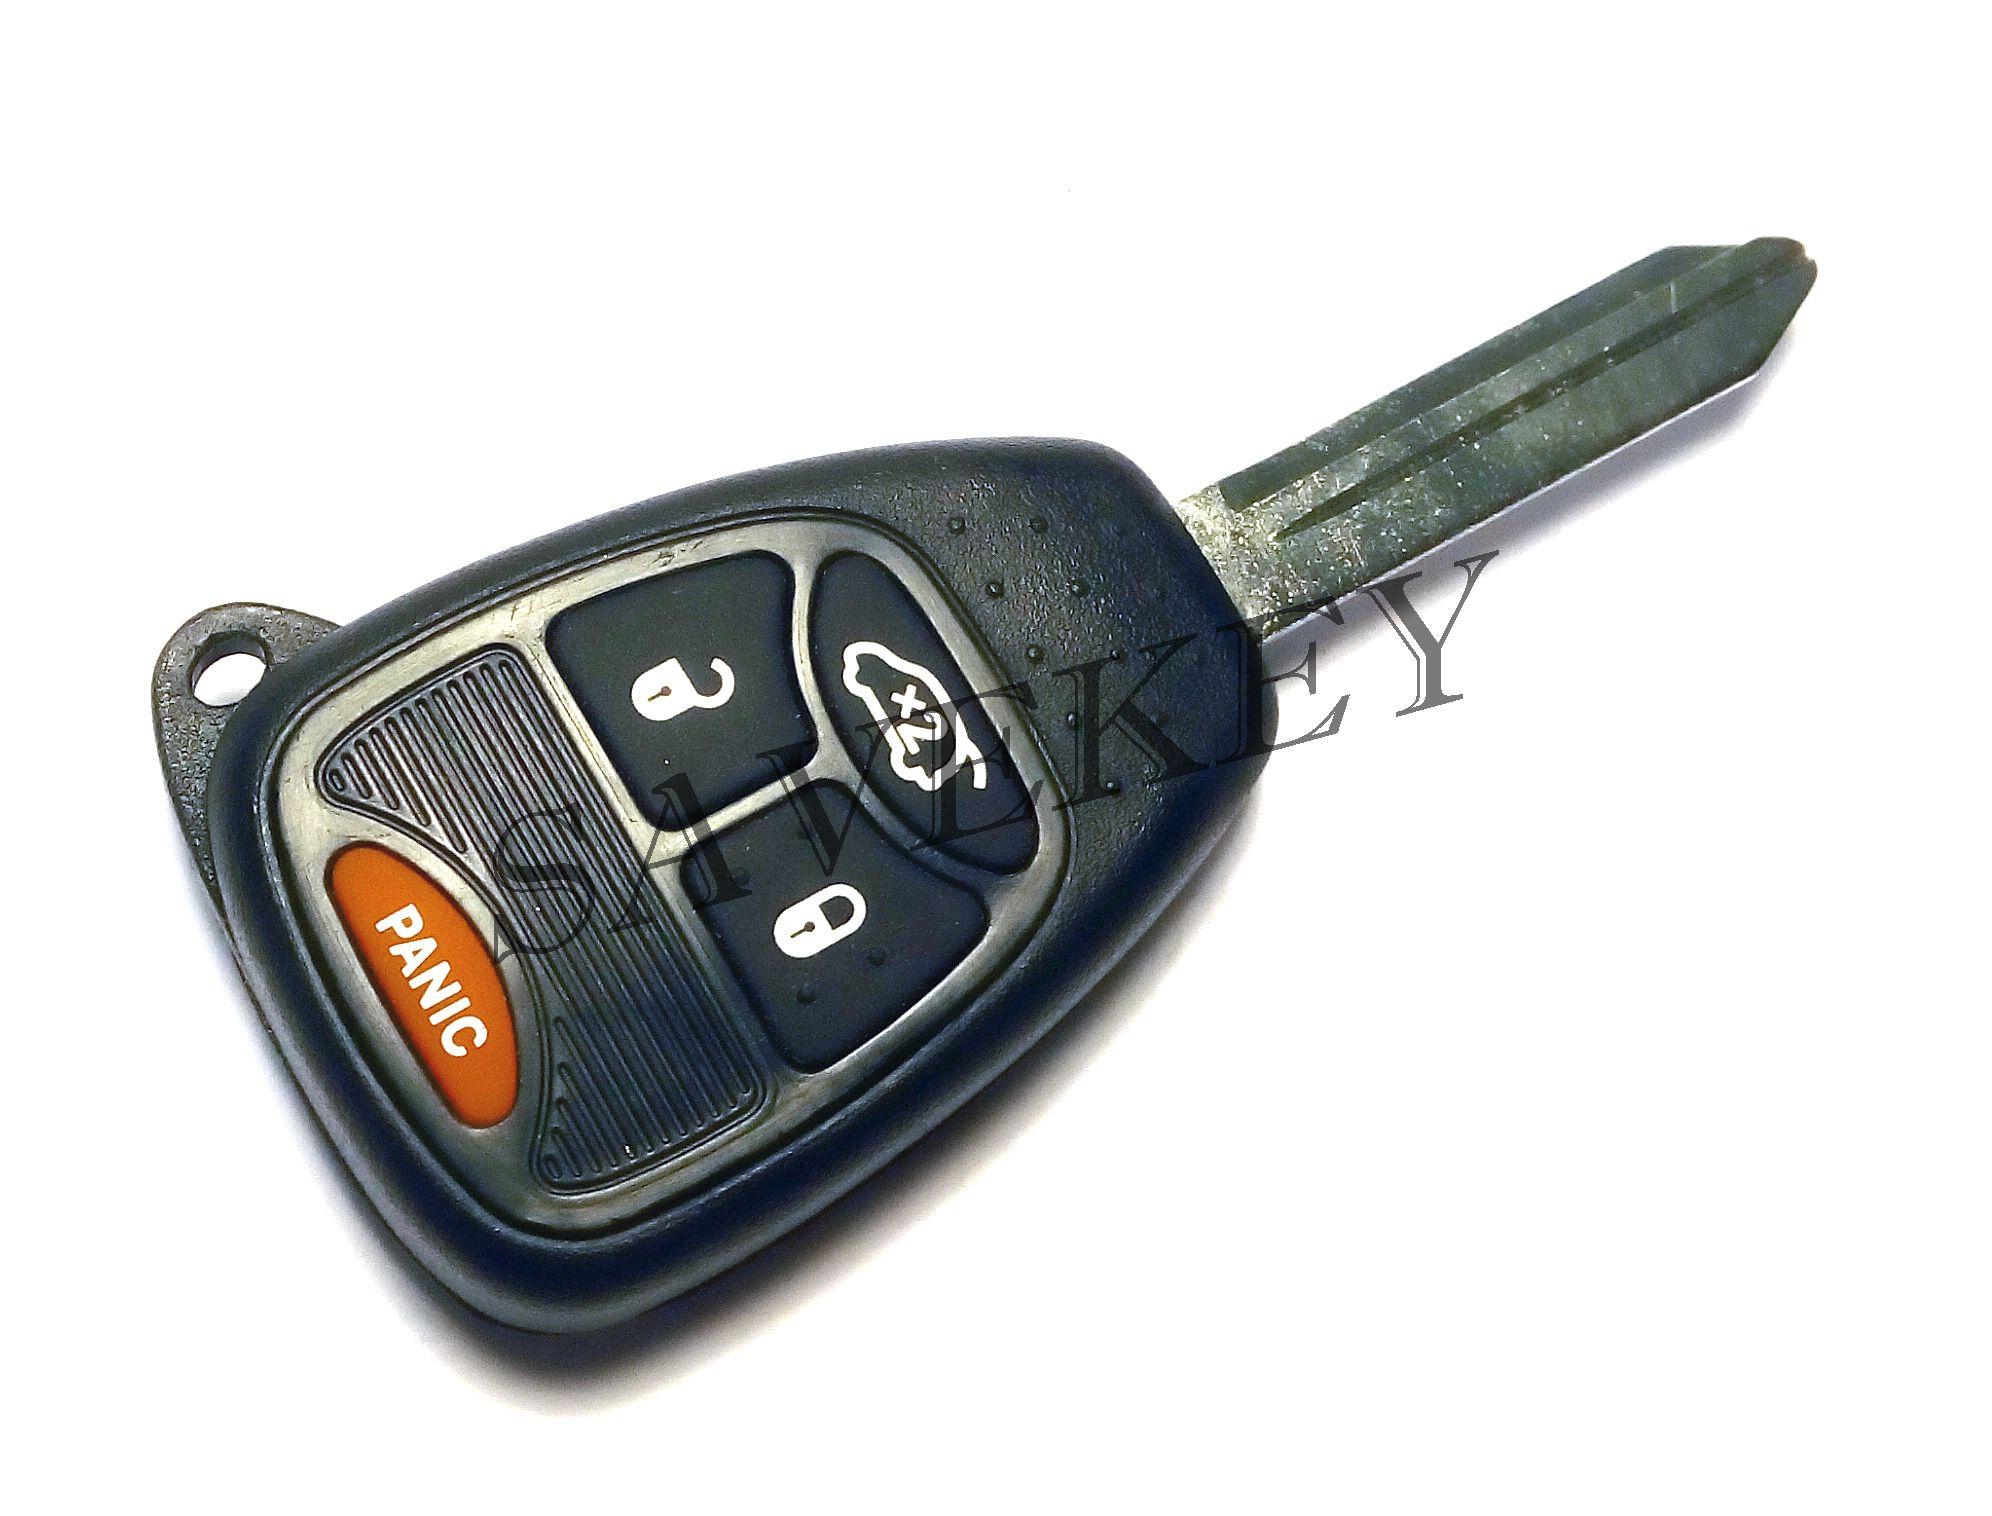 Дистанционный ключ Chrysler для моделей PT CRUISER 2006-2010,SEBRING 2007-2010,300C 2005-2007,ASPEN 2007-2009 4 кнопки 433 Mhz